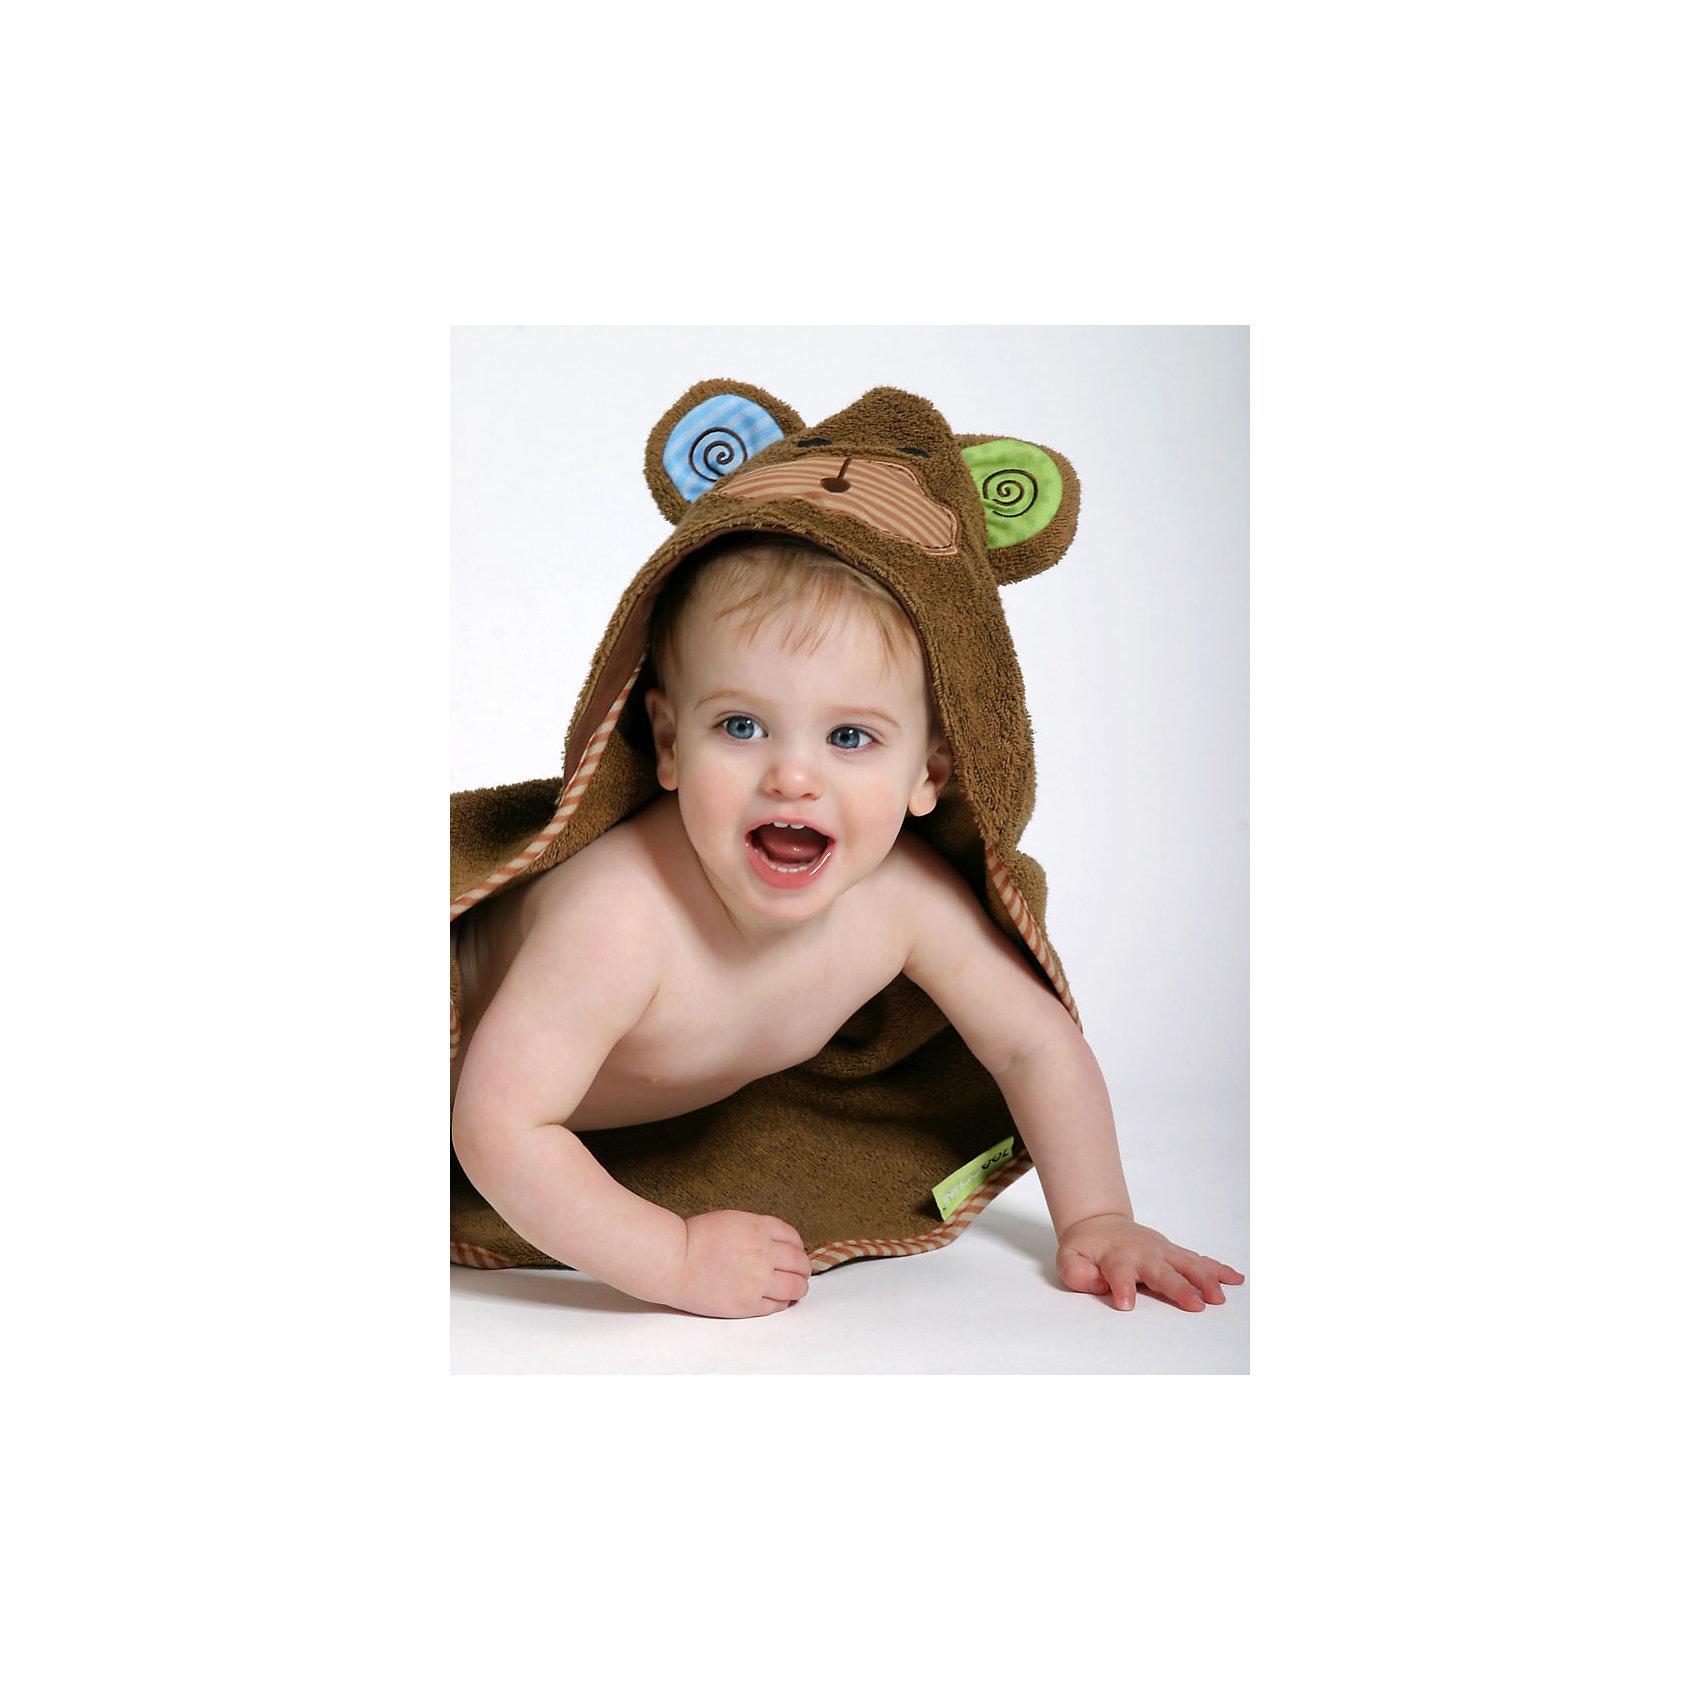 Полотенце с капюшоном Max the Monkey (0-18 мес.), ZoocchiniПолотенце с капюшоном Max the Monkey (0-18 мес.) Обезьянка Макс от американского бренда Zoocchini (Зукинни) сделает принятие ванны еще уютнее и приятнее. Большое хлопковое полотенце прекрасно впитывает влагу, а веселый капюшон с обезьянкой защитит от сквозняков. Насыщенный коричневый цвет с окантовкой придет по вкусу всей семье. Отлично подходит малышам до полутора лет. <br>Дополнительная информация:<br><br>- Состав: 100% хлопок<br>- Размер: 76 * 76 см.<br>Полотенце с капюшоном Max the Monkey (0-18 мес.) Обезьянка Макс, Zoocchini (Зукини) можно купить в нашем интернет-магазине.<br>Подробнее:<br>• Для детей в возрасте: от 0 до 18 месцев<br>• Номер товара: 4976021<br>Страна производитель: Китай<br><br>Ширина мм: 250<br>Глубина мм: 190<br>Высота мм: 70<br>Вес г: 390<br>Возраст от месяцев: 0<br>Возраст до месяцев: 18<br>Пол: Унисекс<br>Возраст: Детский<br>SKU: 4976021